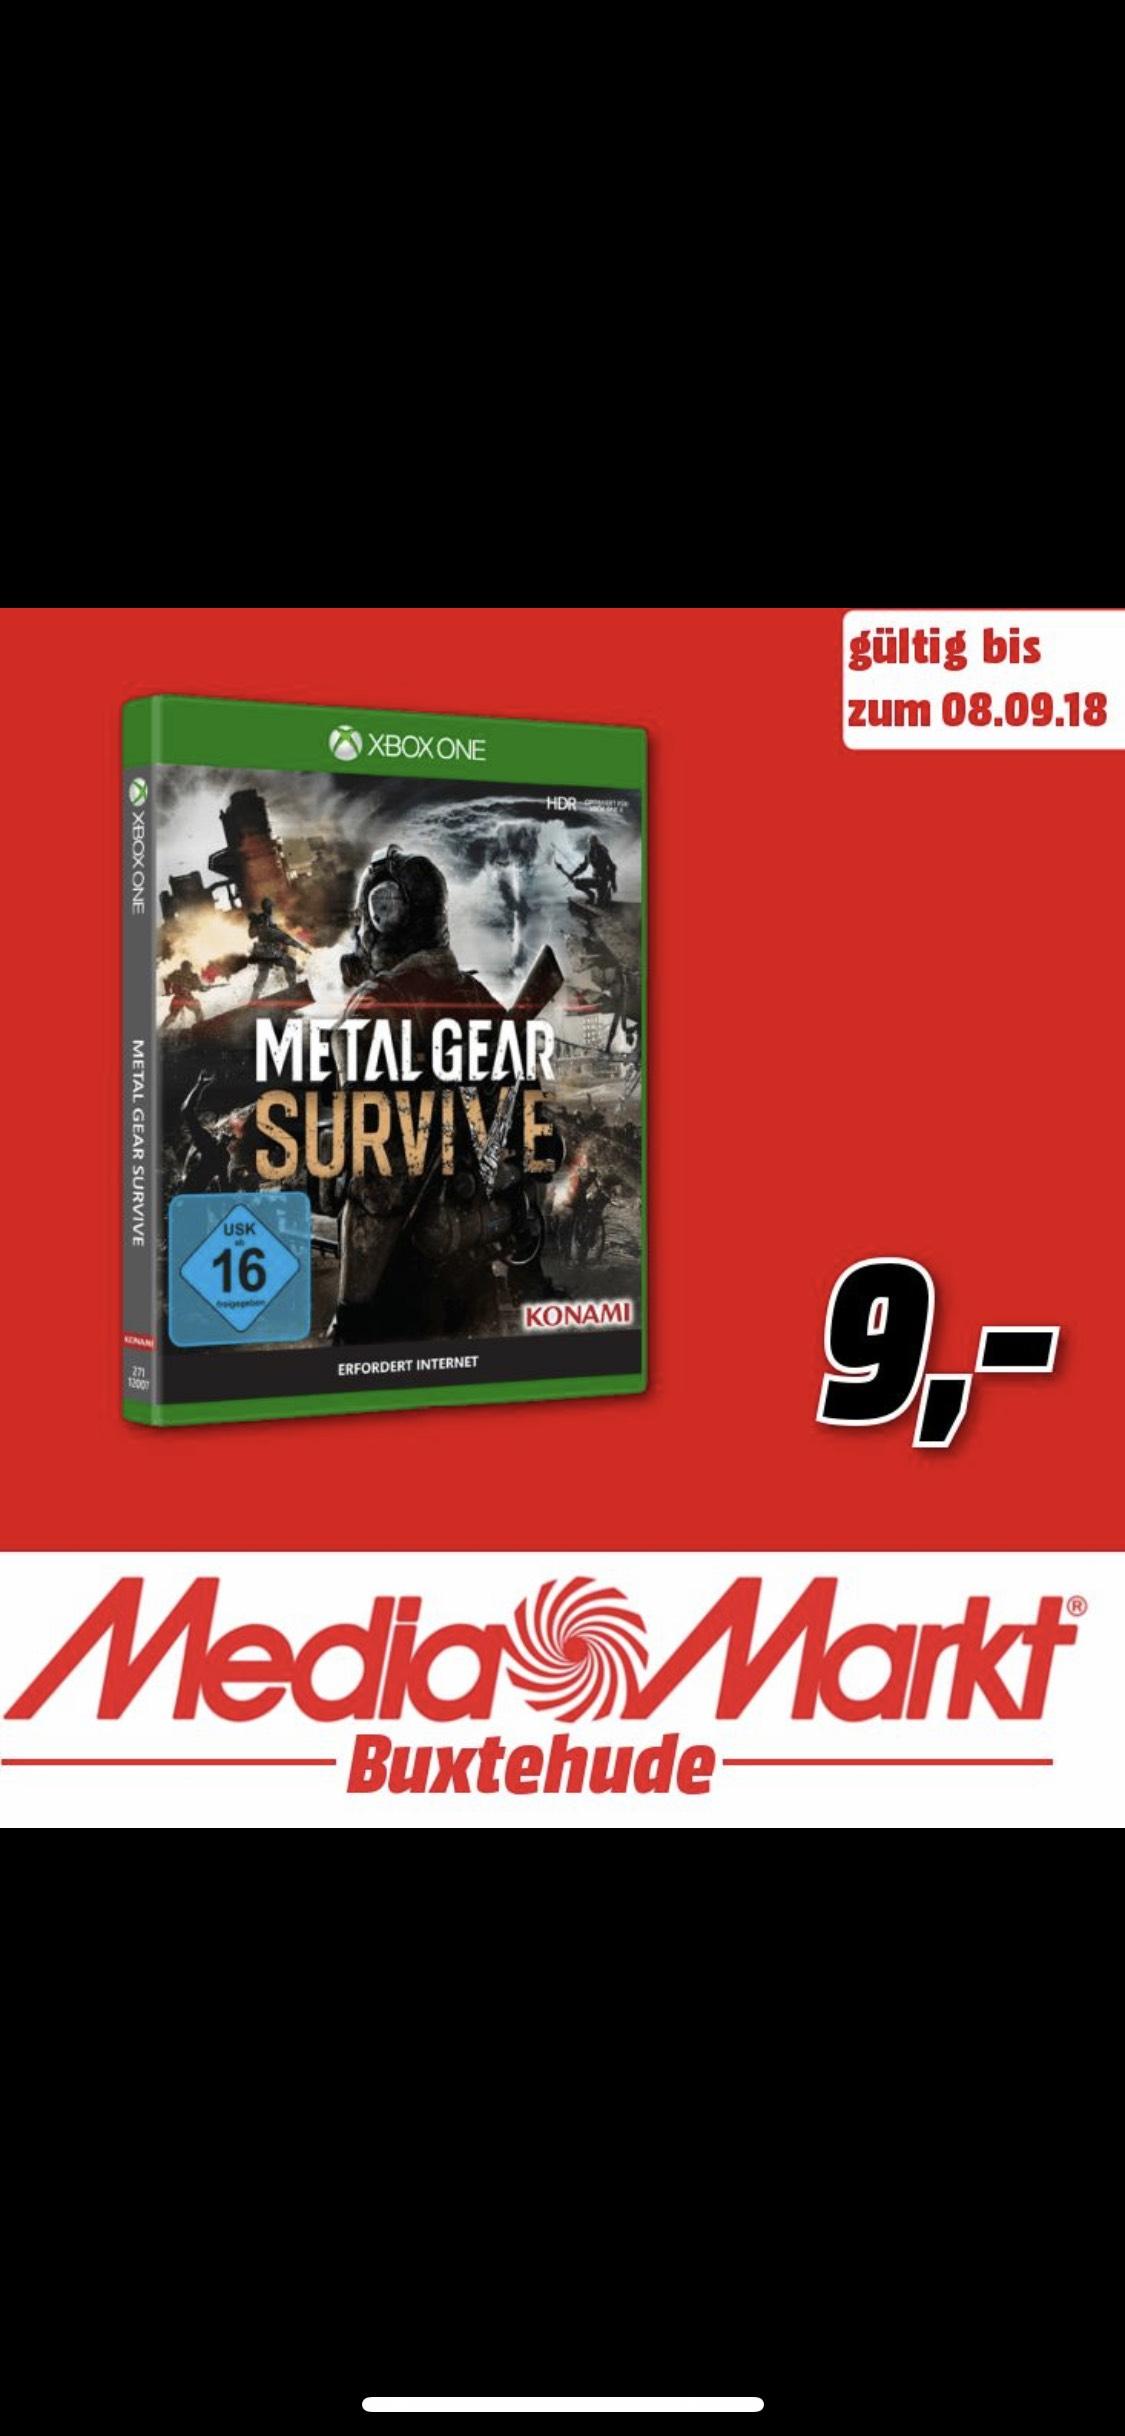 [Lokal]Mediamarkt Buxtehude - Metal Gear Survive XBox für 9€